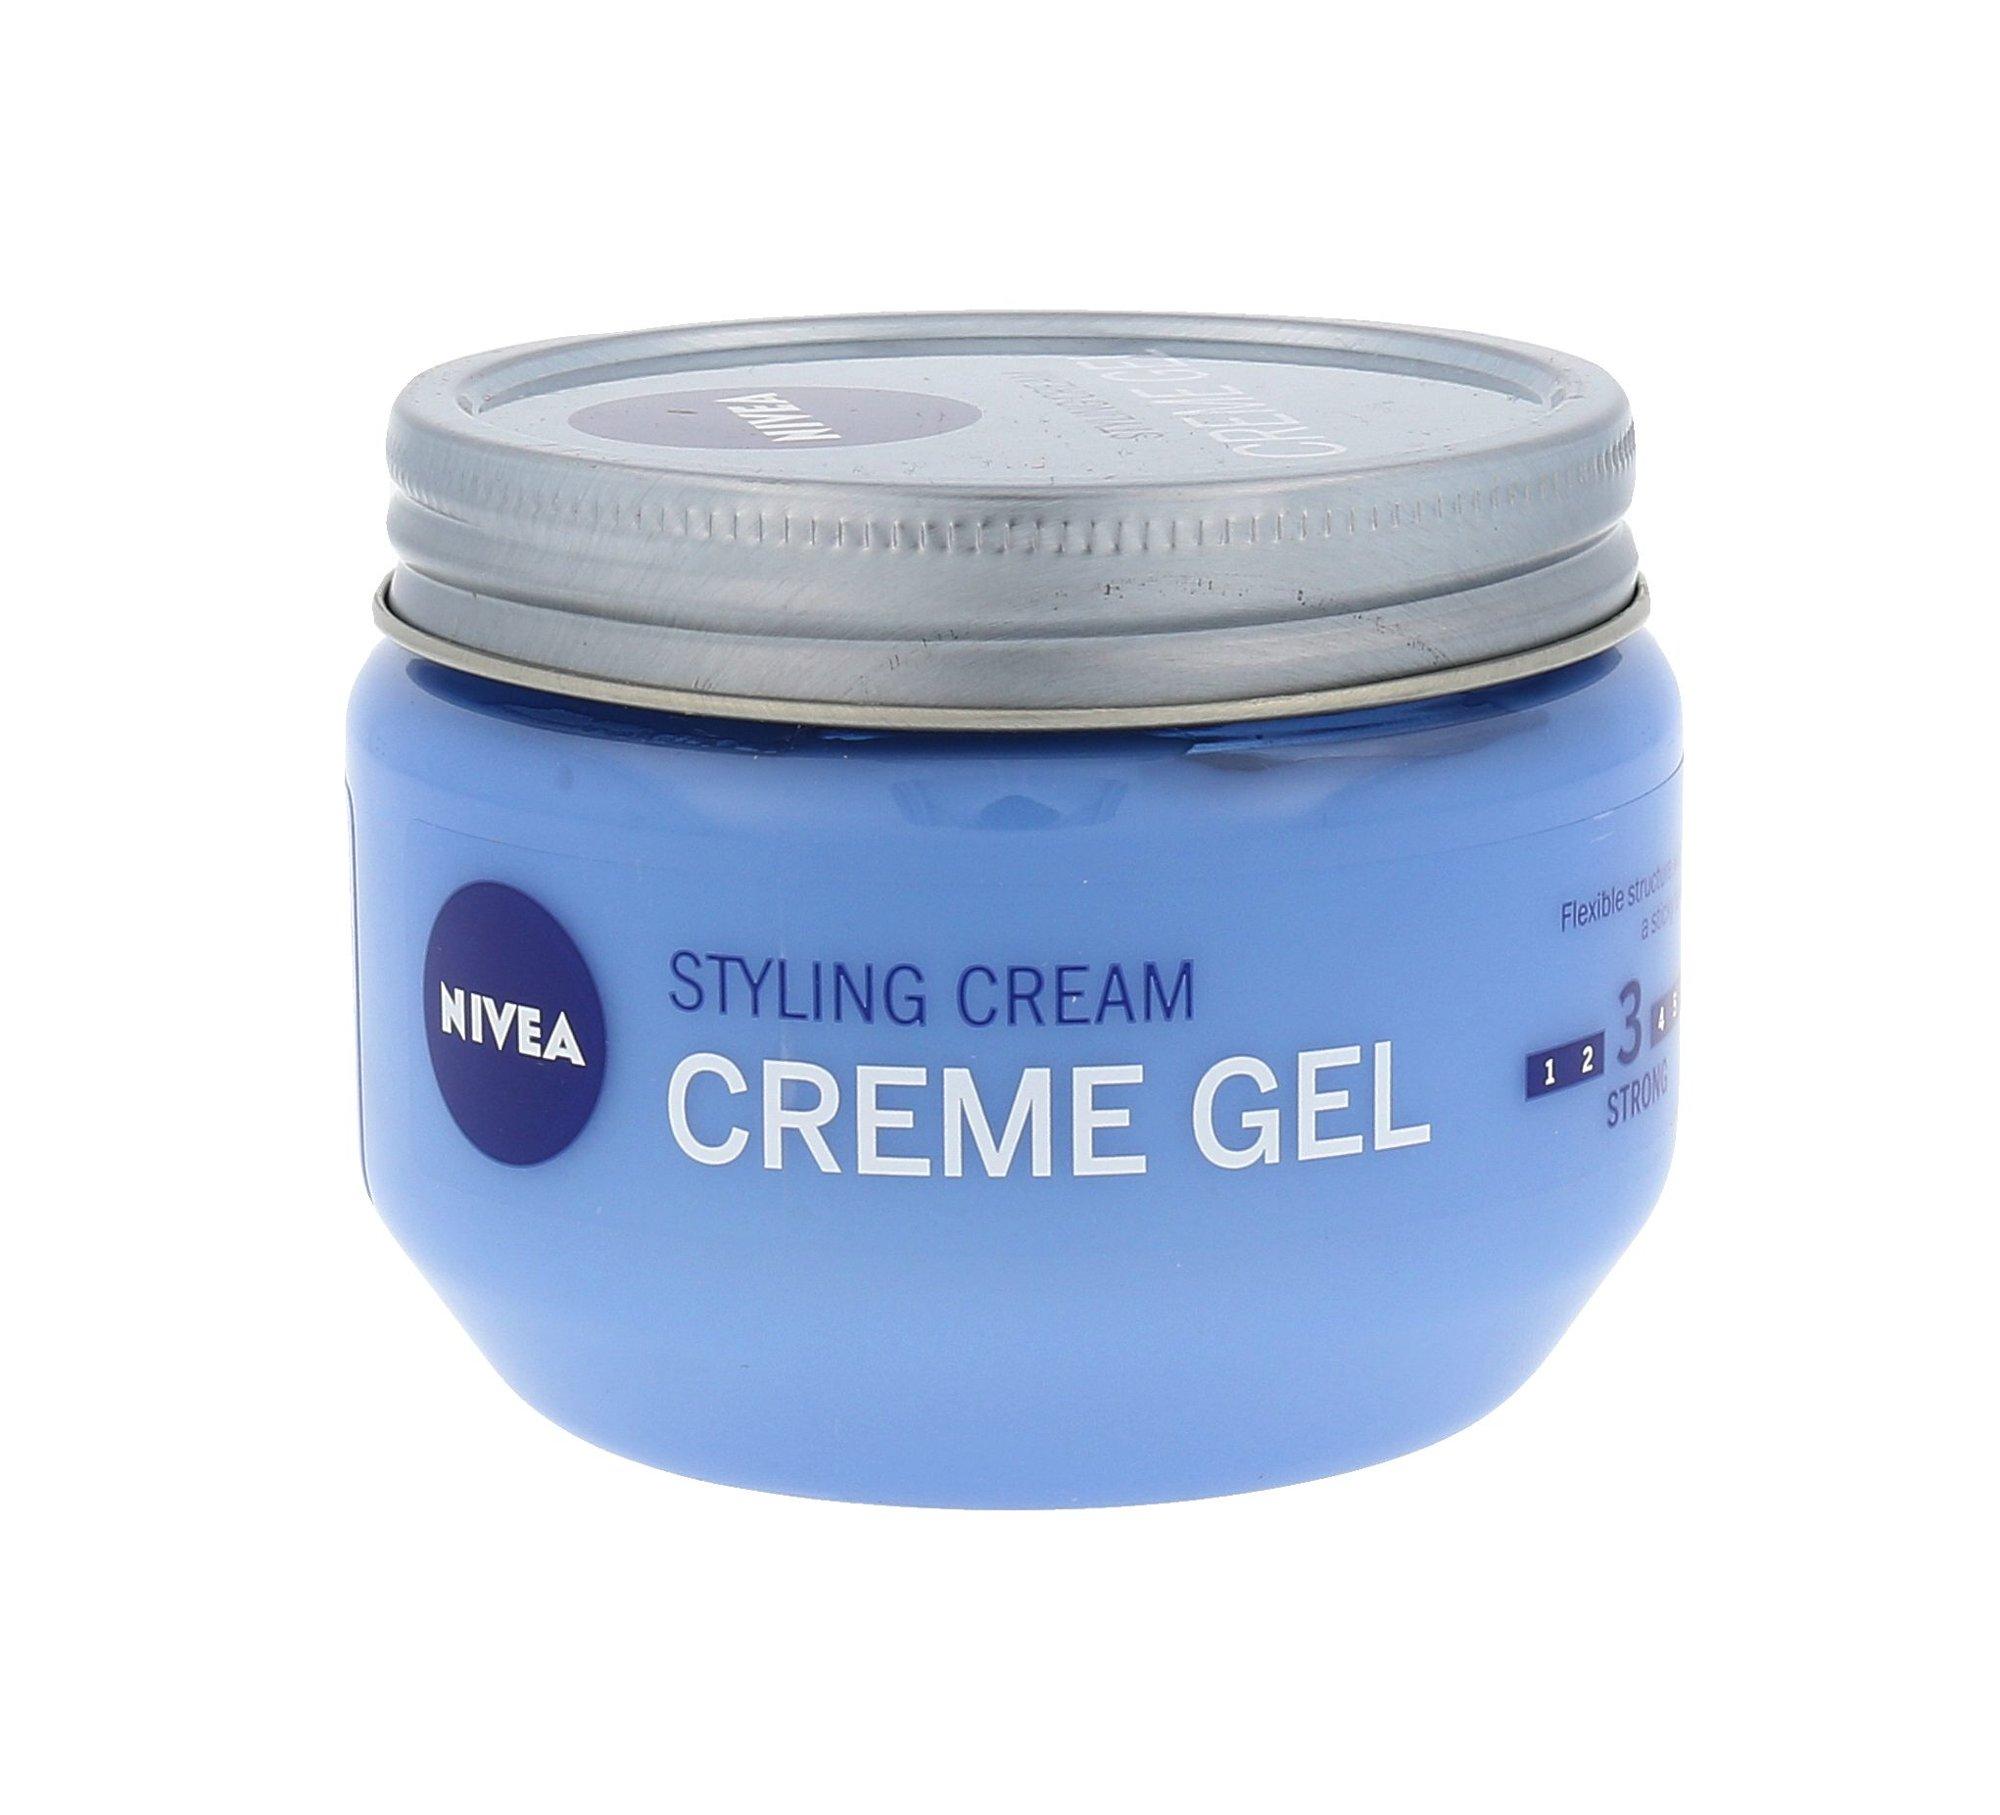 Plaukų formavimo priemonė Nivea Styling Cream Creme Gel